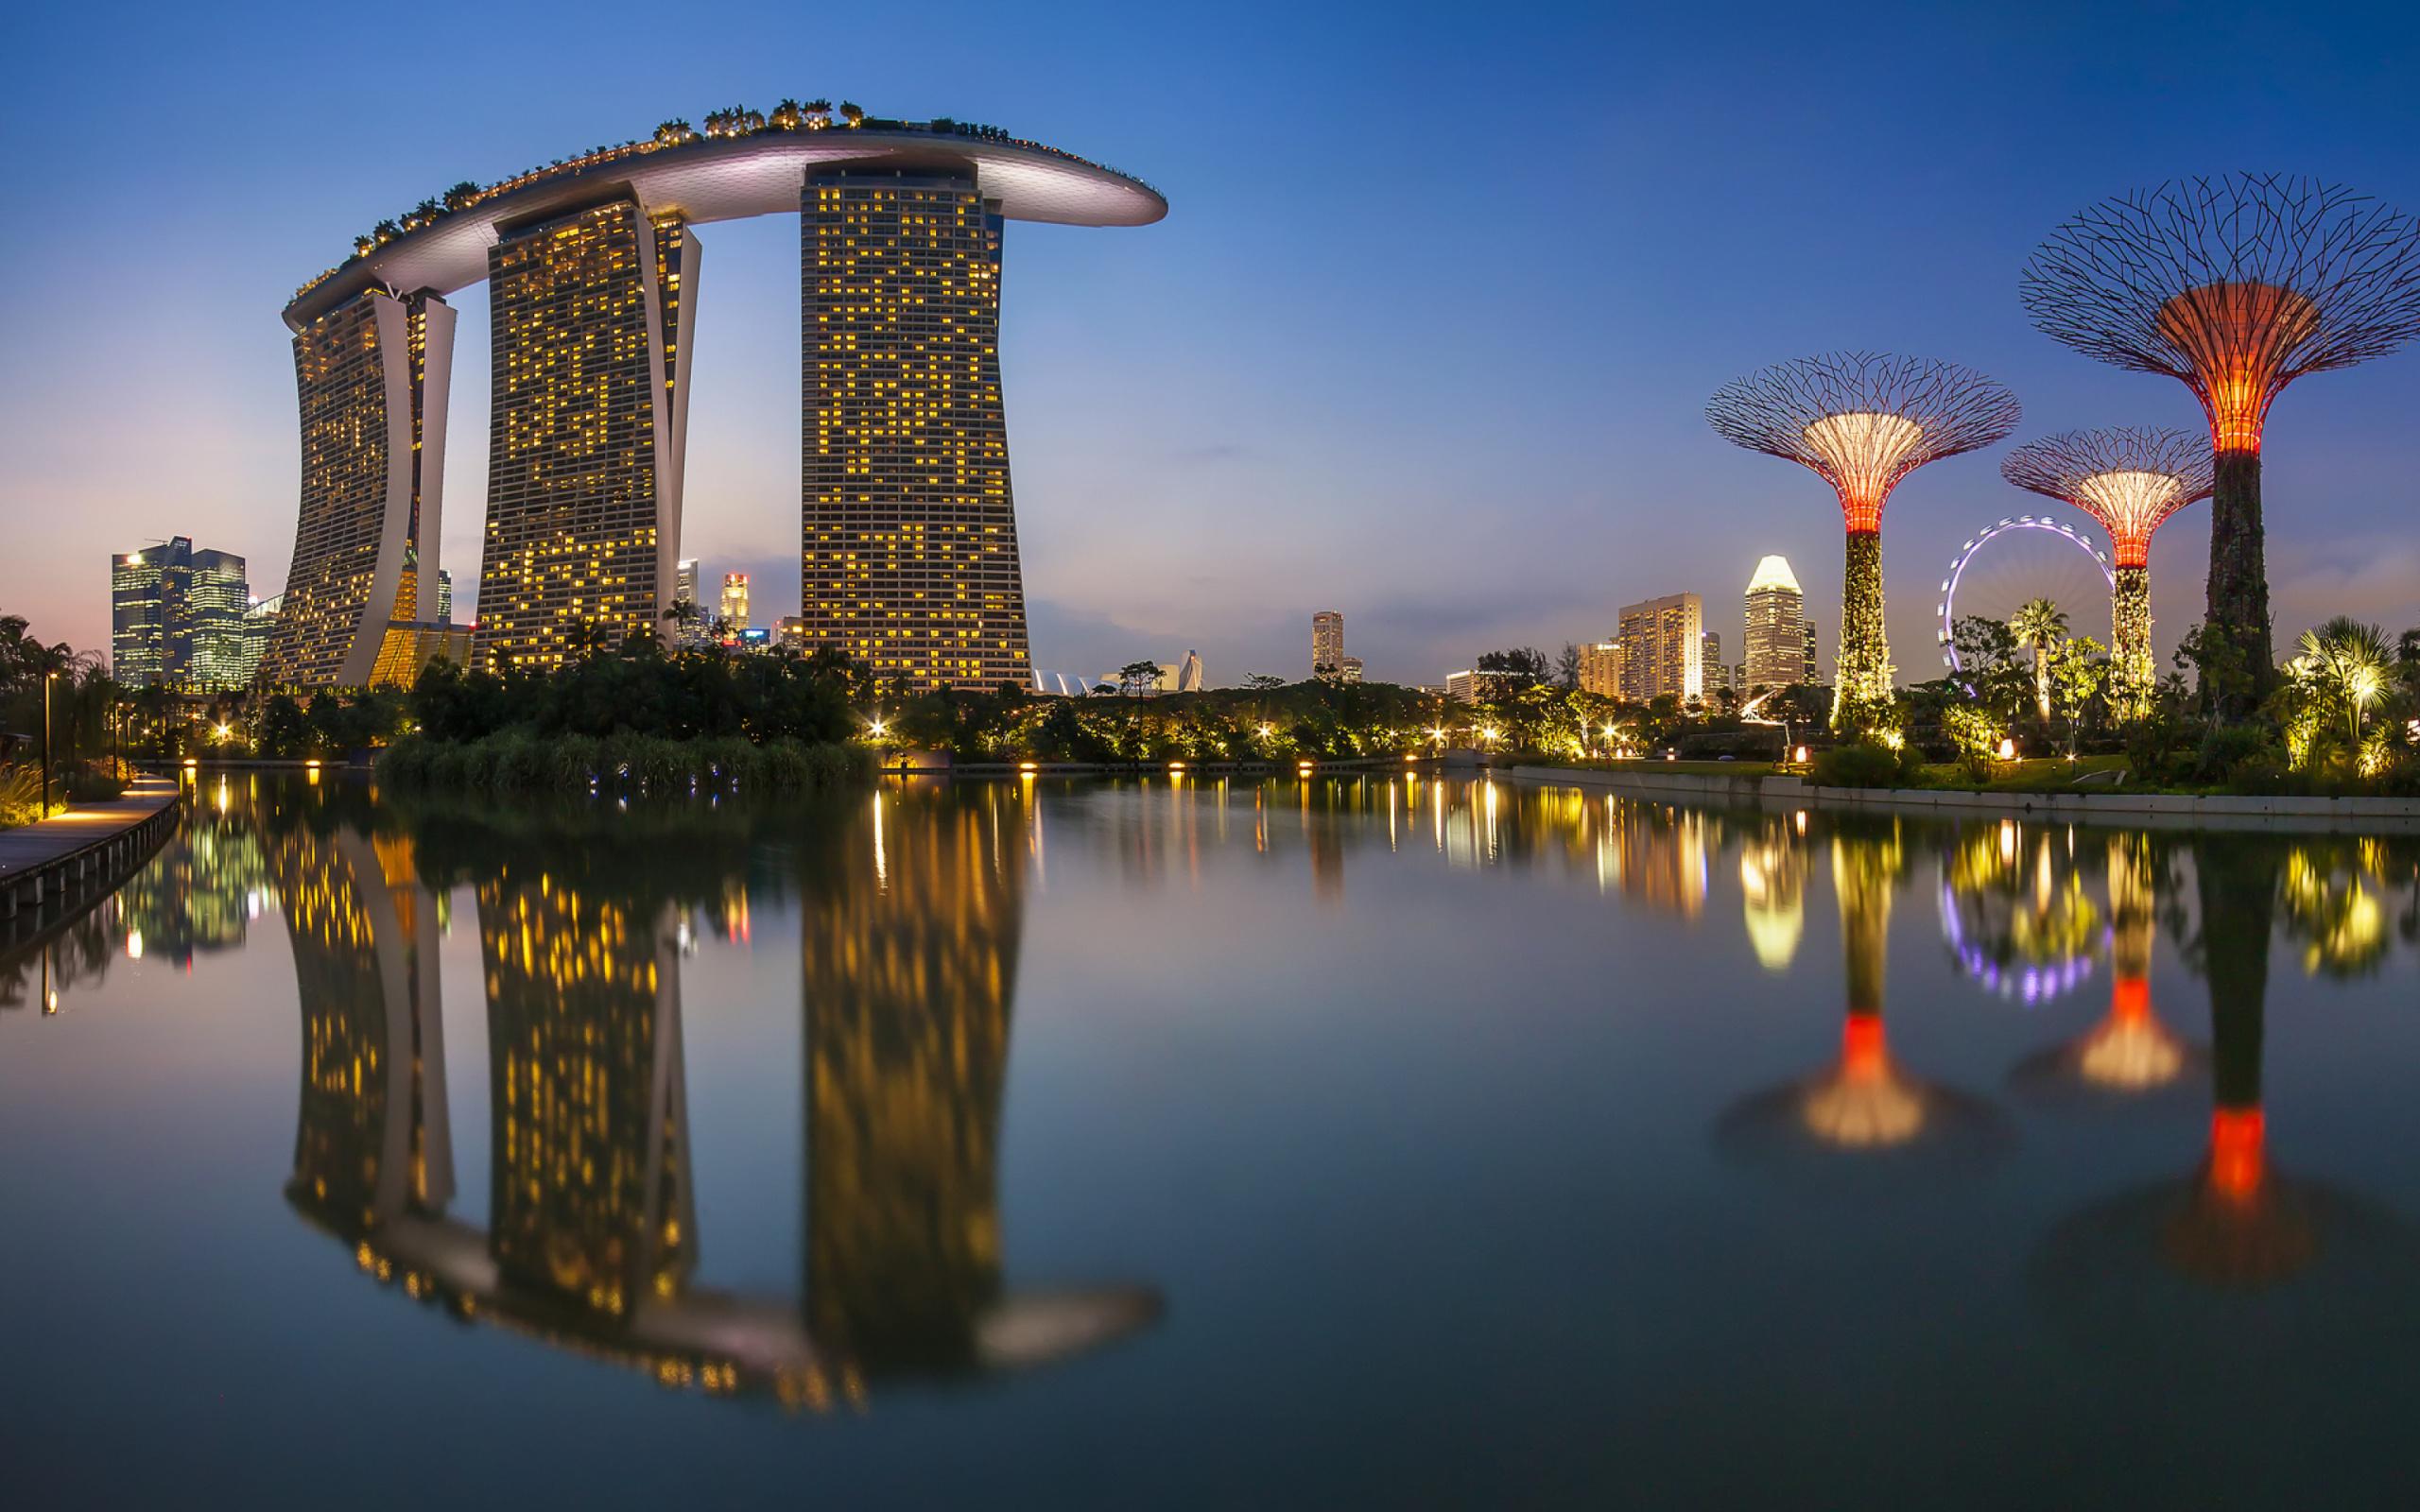 страны архитектура Сингапур отель  № 941389 бесплатно